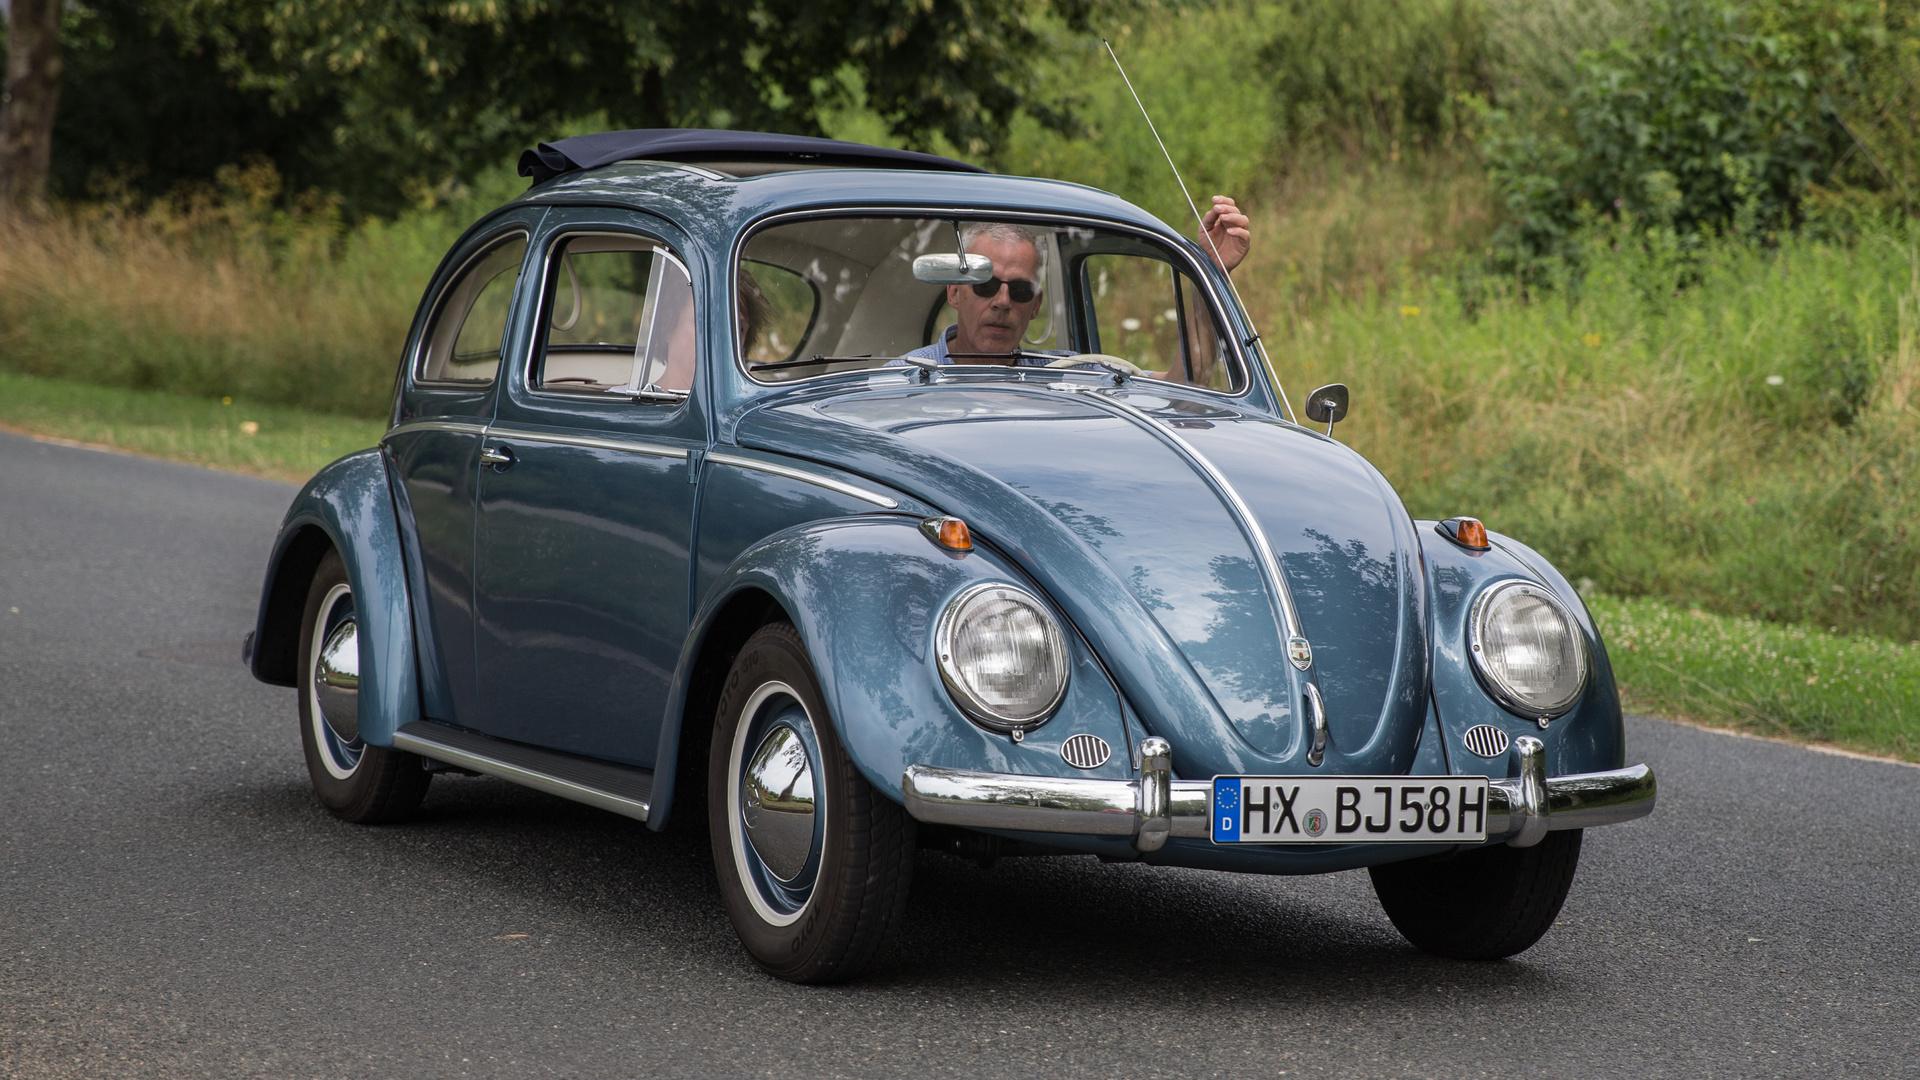 vw käfer 1200 foto  bild  autos  zweiräder oldtimer